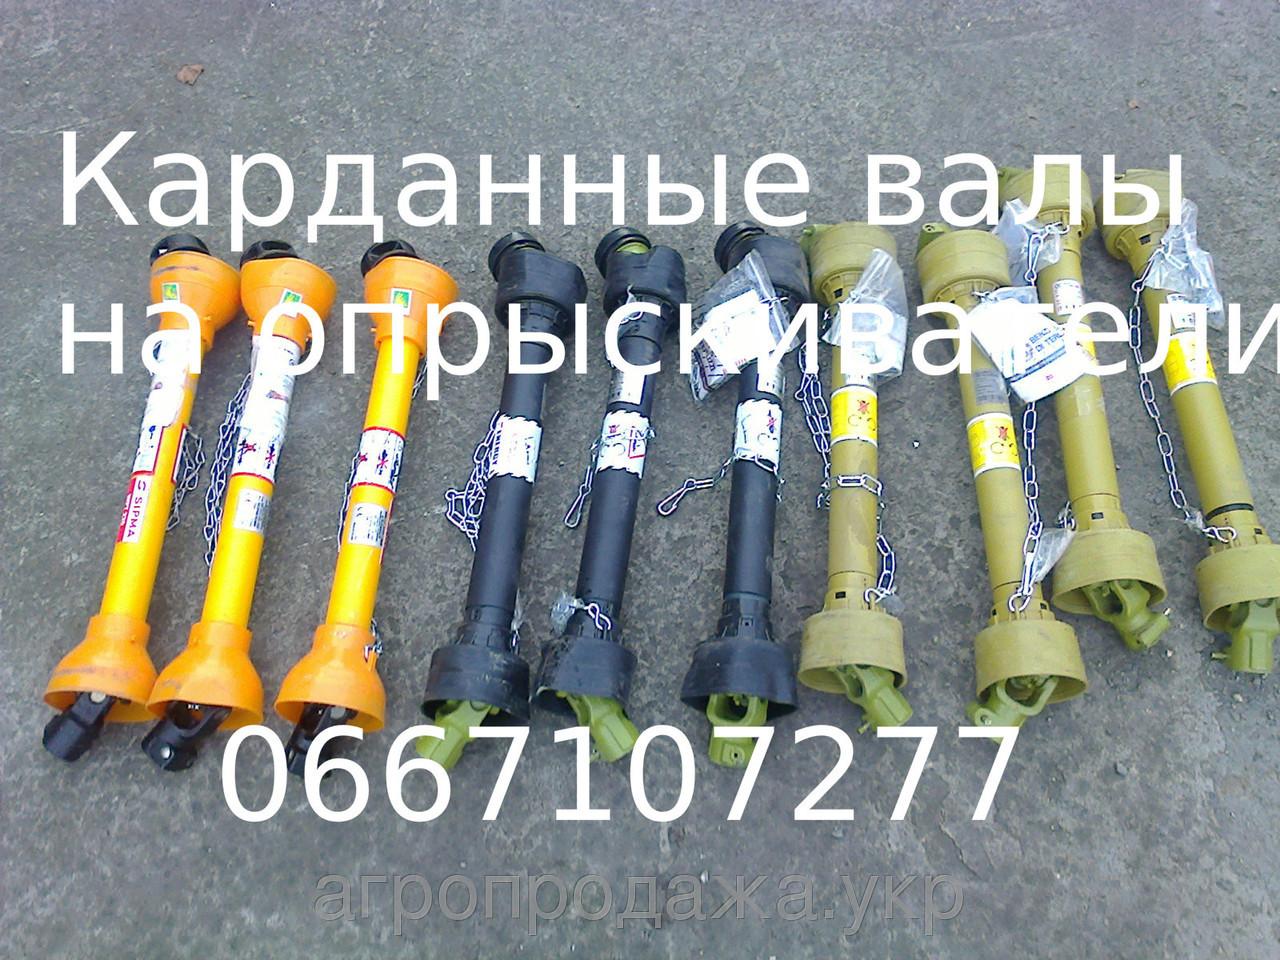 Продам карданные валы 6х8 усиленные